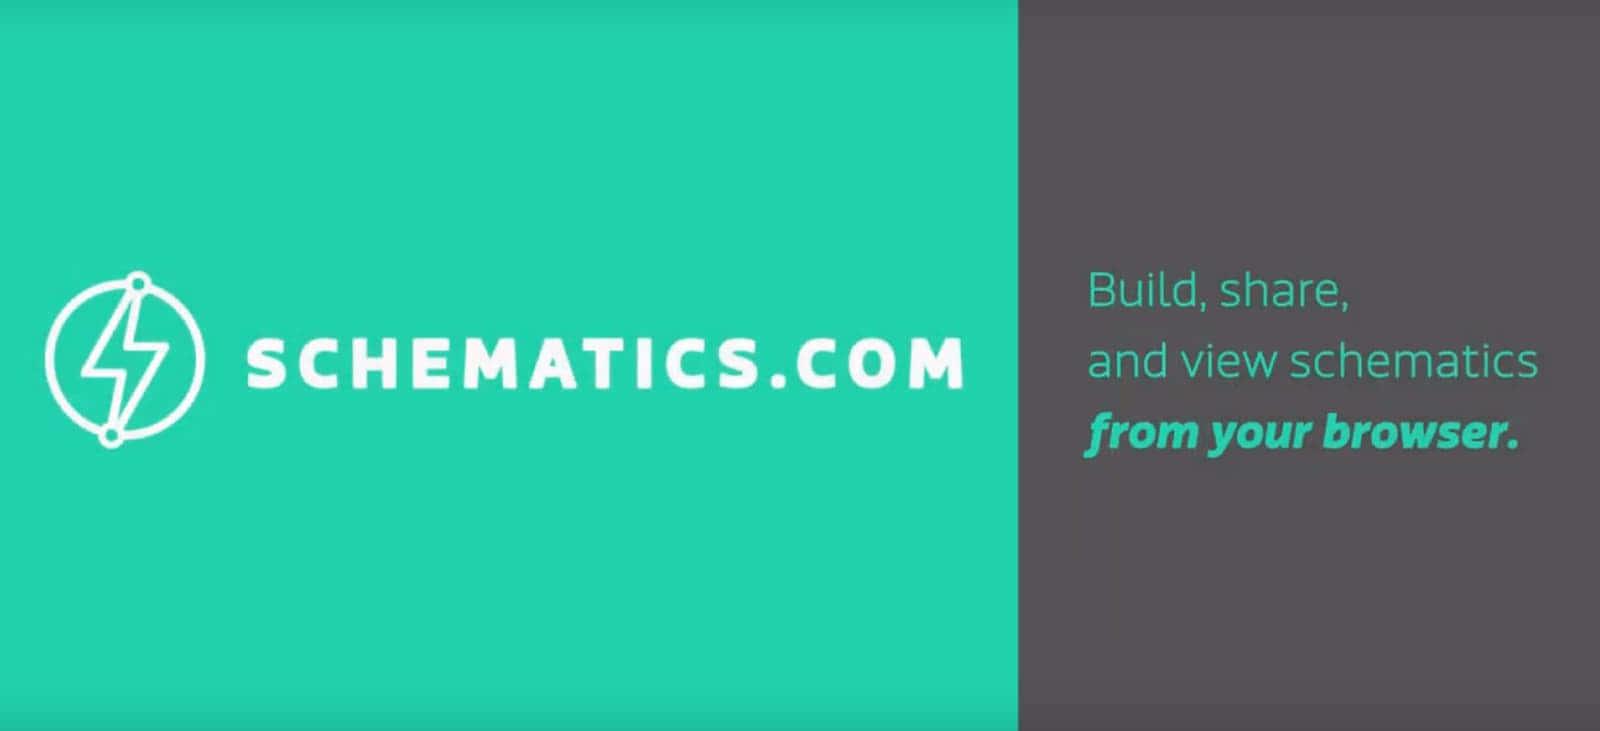 シンボルが豊富で、回路図作成に使いやすいオンライン回路図エディタ『schematics.com』